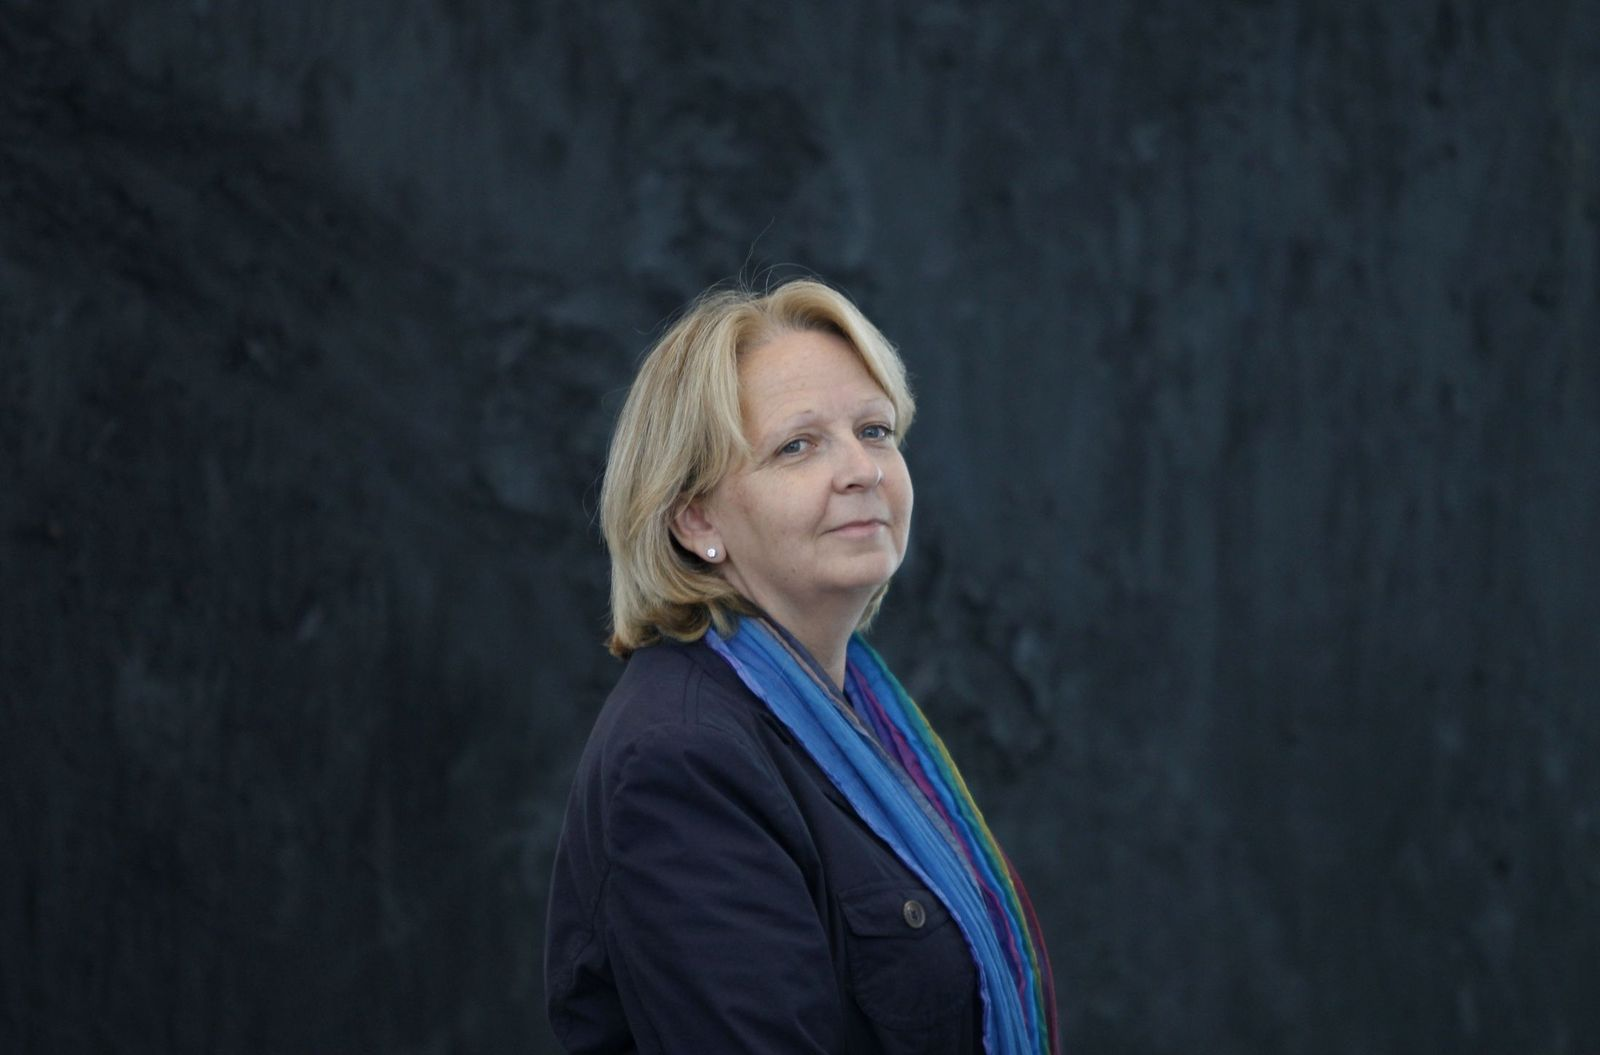 Hannelore Kraft